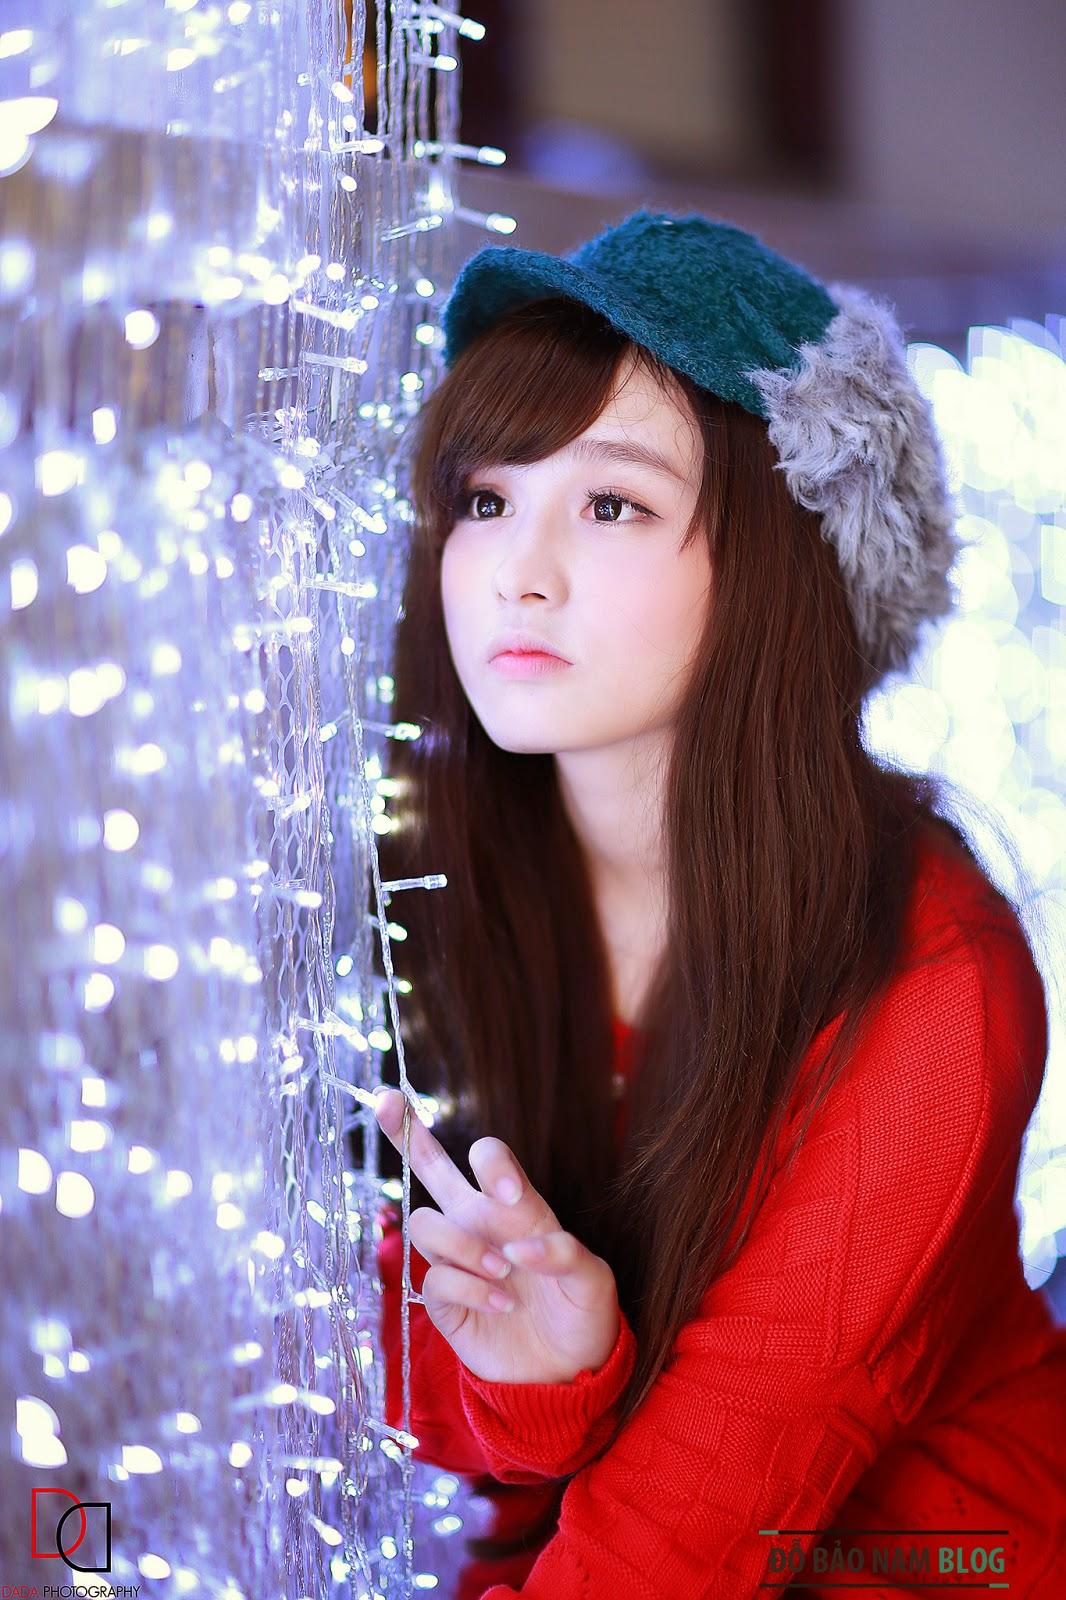 Ảnh đẹp girl xinh mới nhất 2014 được tuyển chọn 19